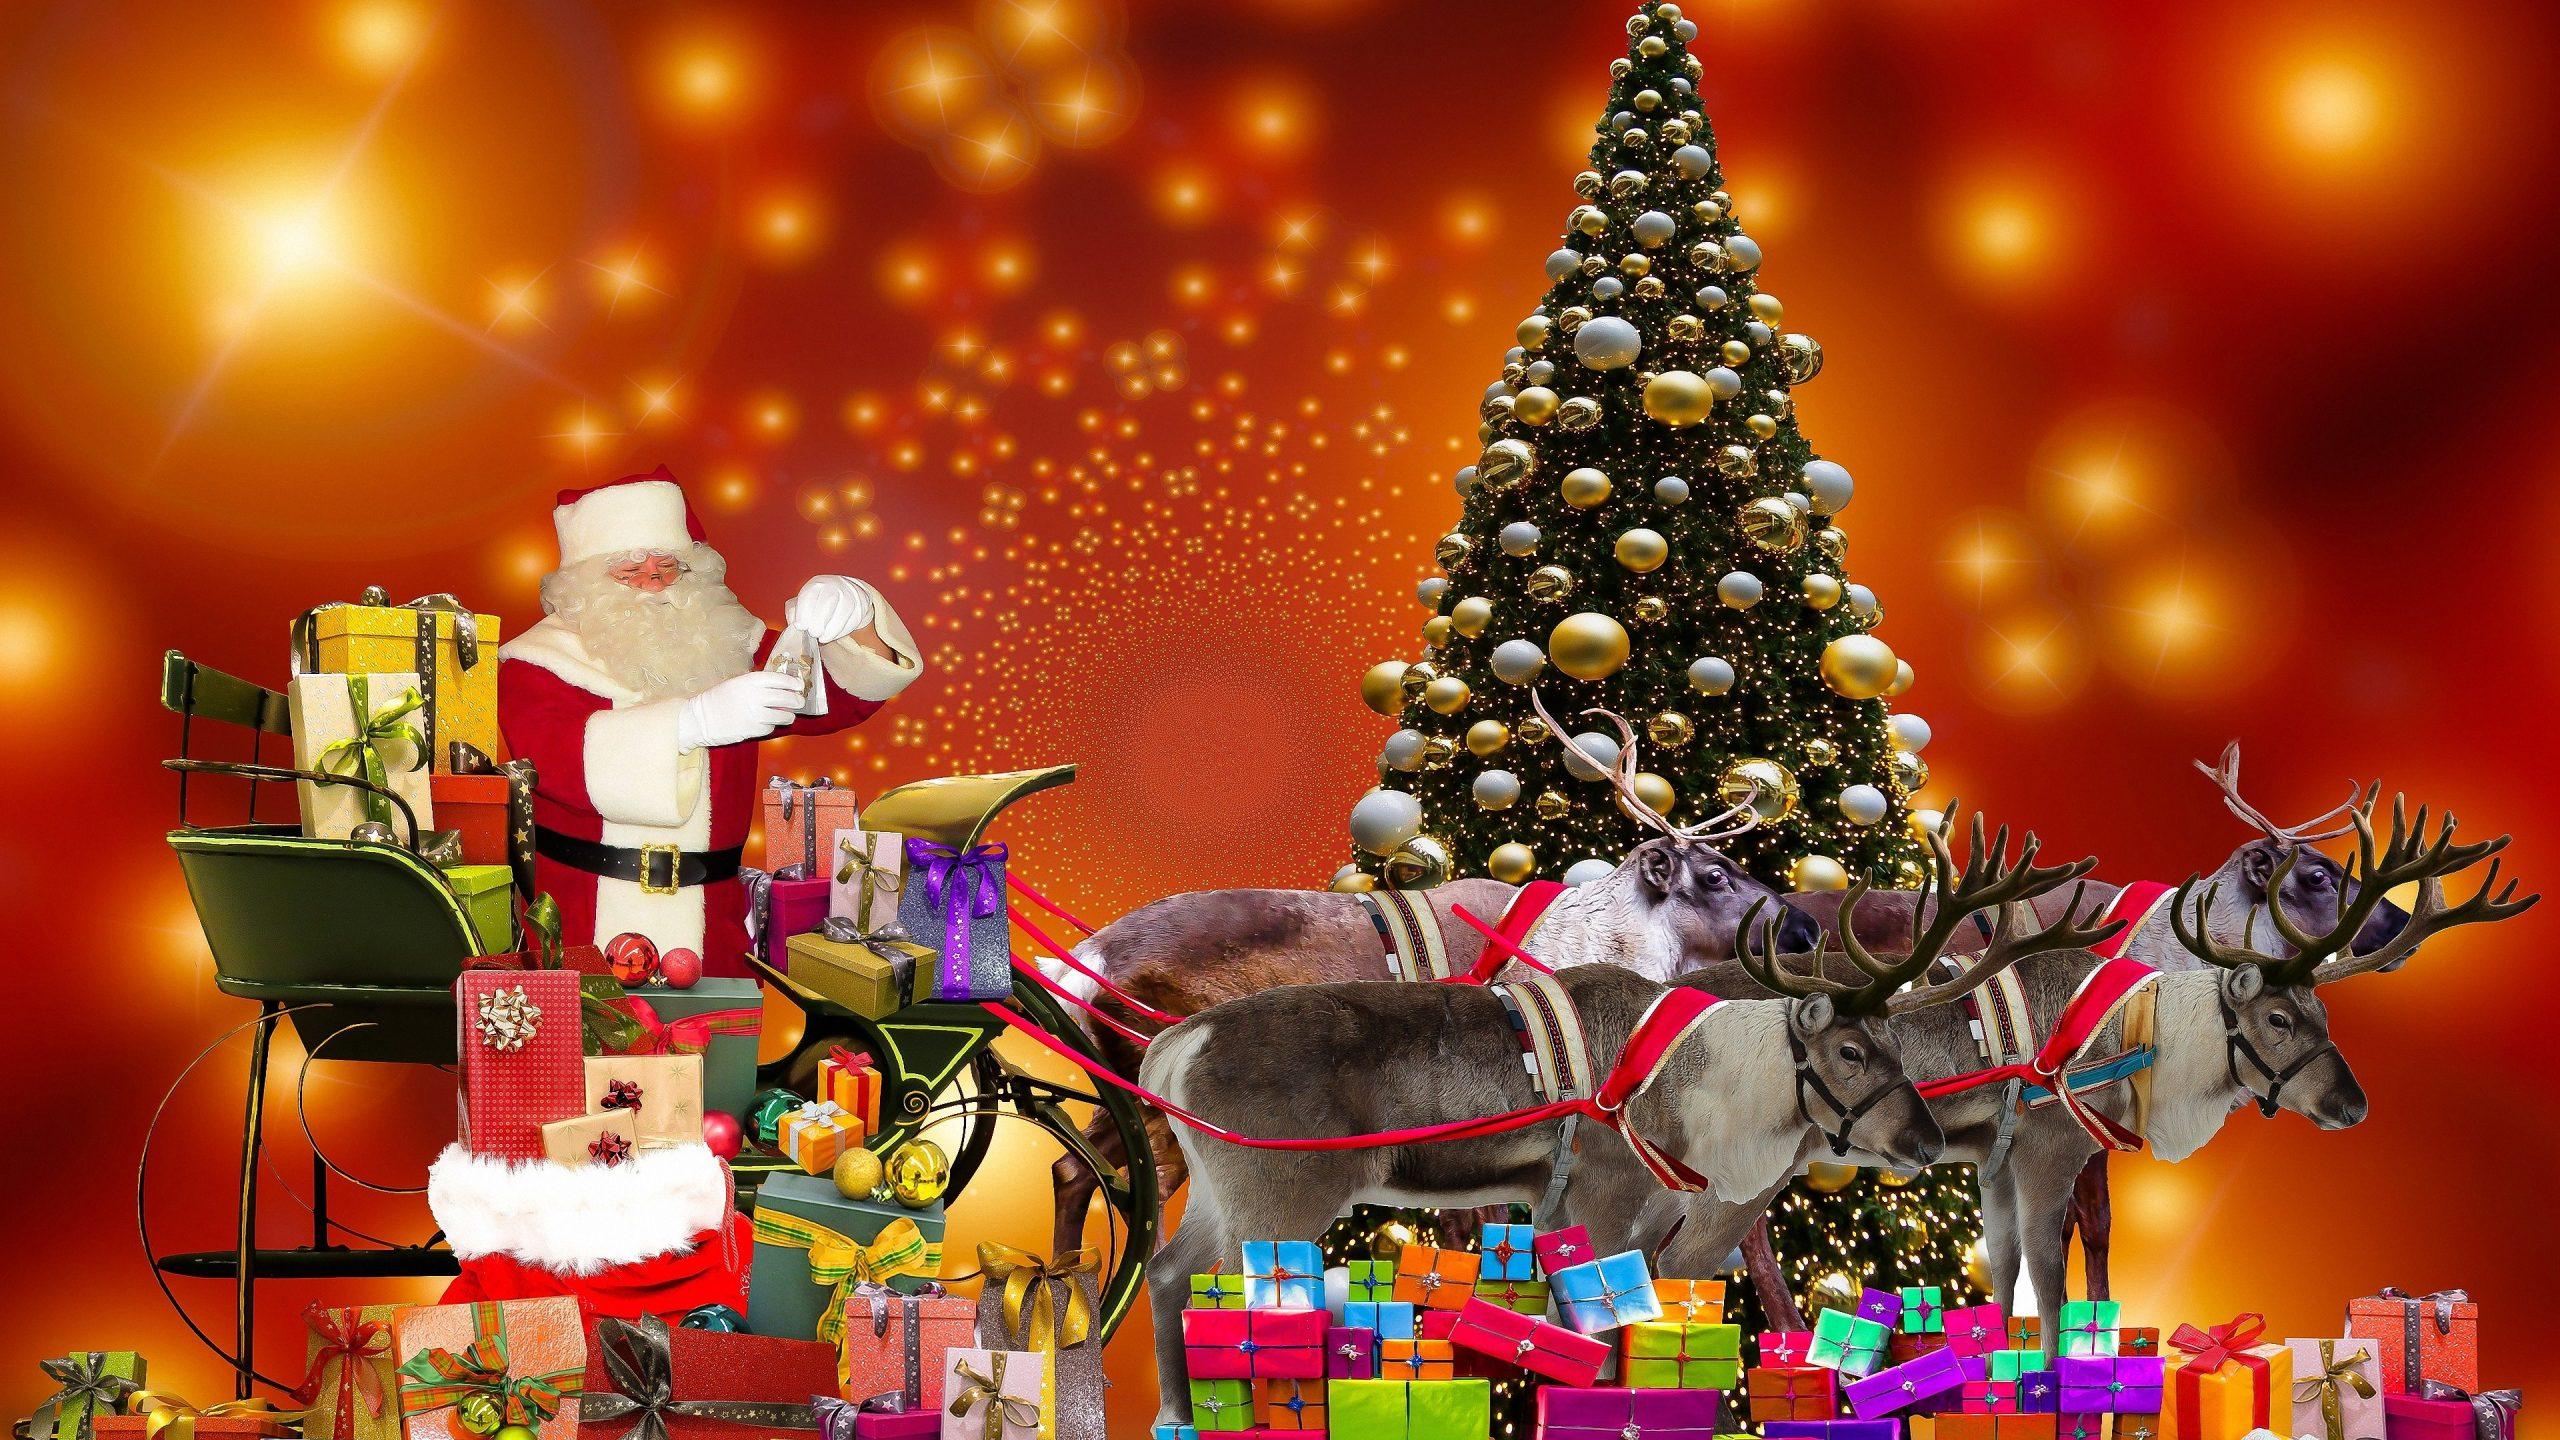 Weihnachten Hintergrundbilder Kostenlos 3840X2160 ganzes Kostenlos Weihnachtsbilder Runterladen